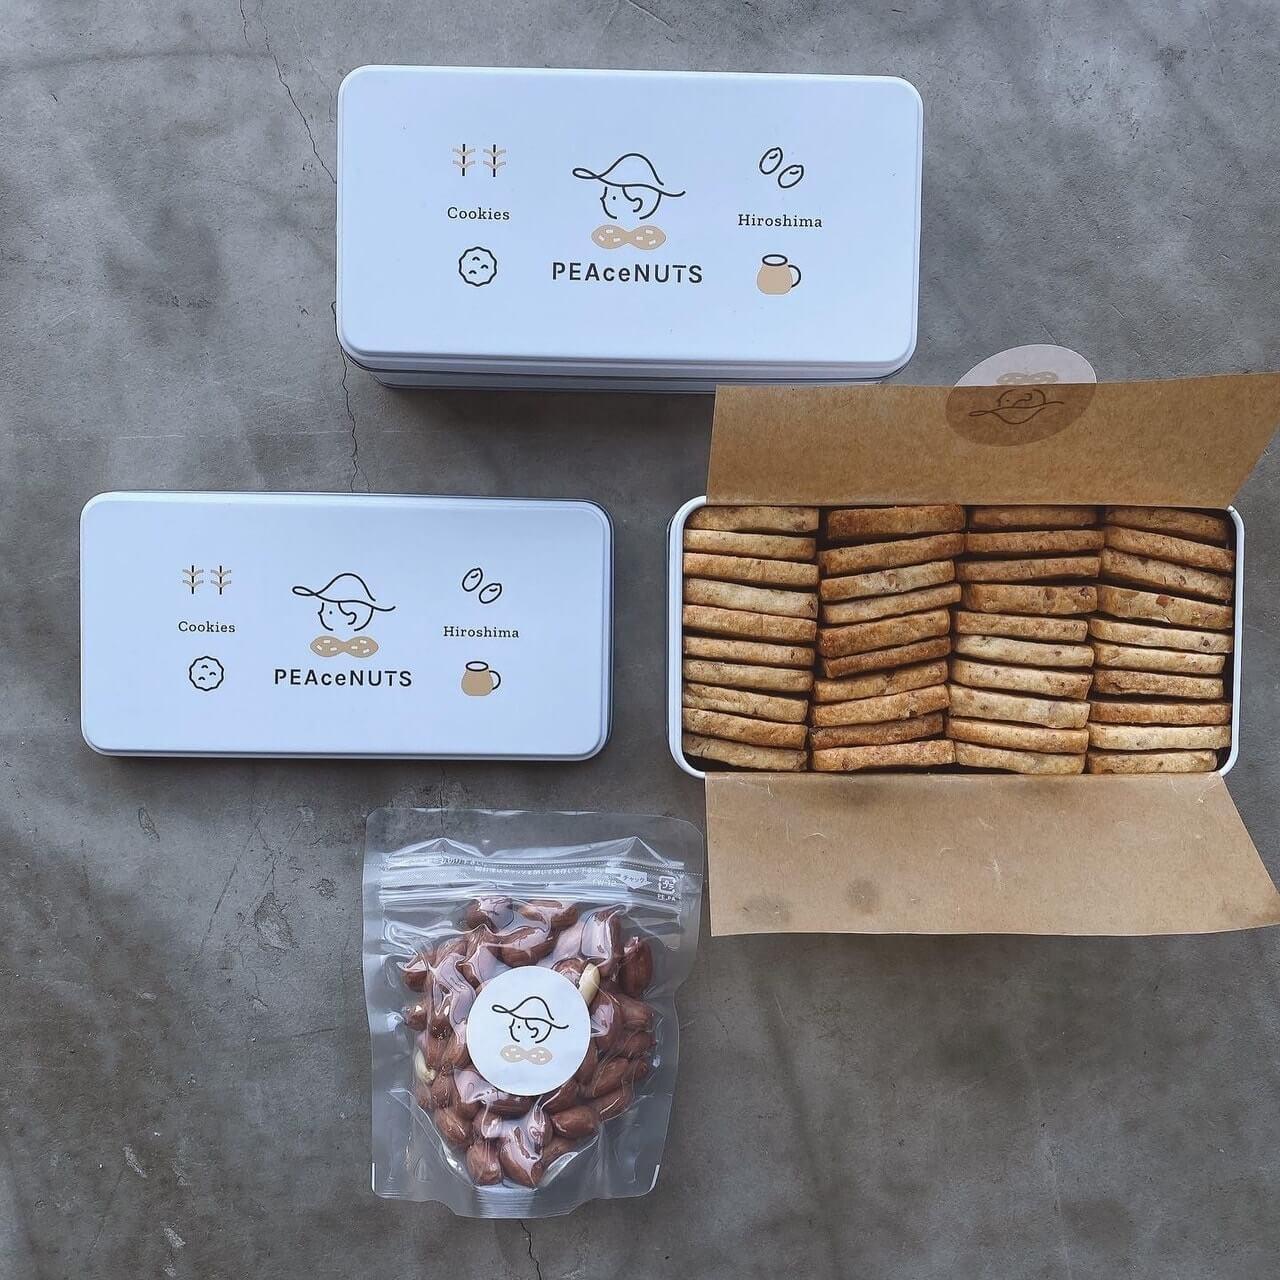 ピースナッツカフェのピースナッツクッキー